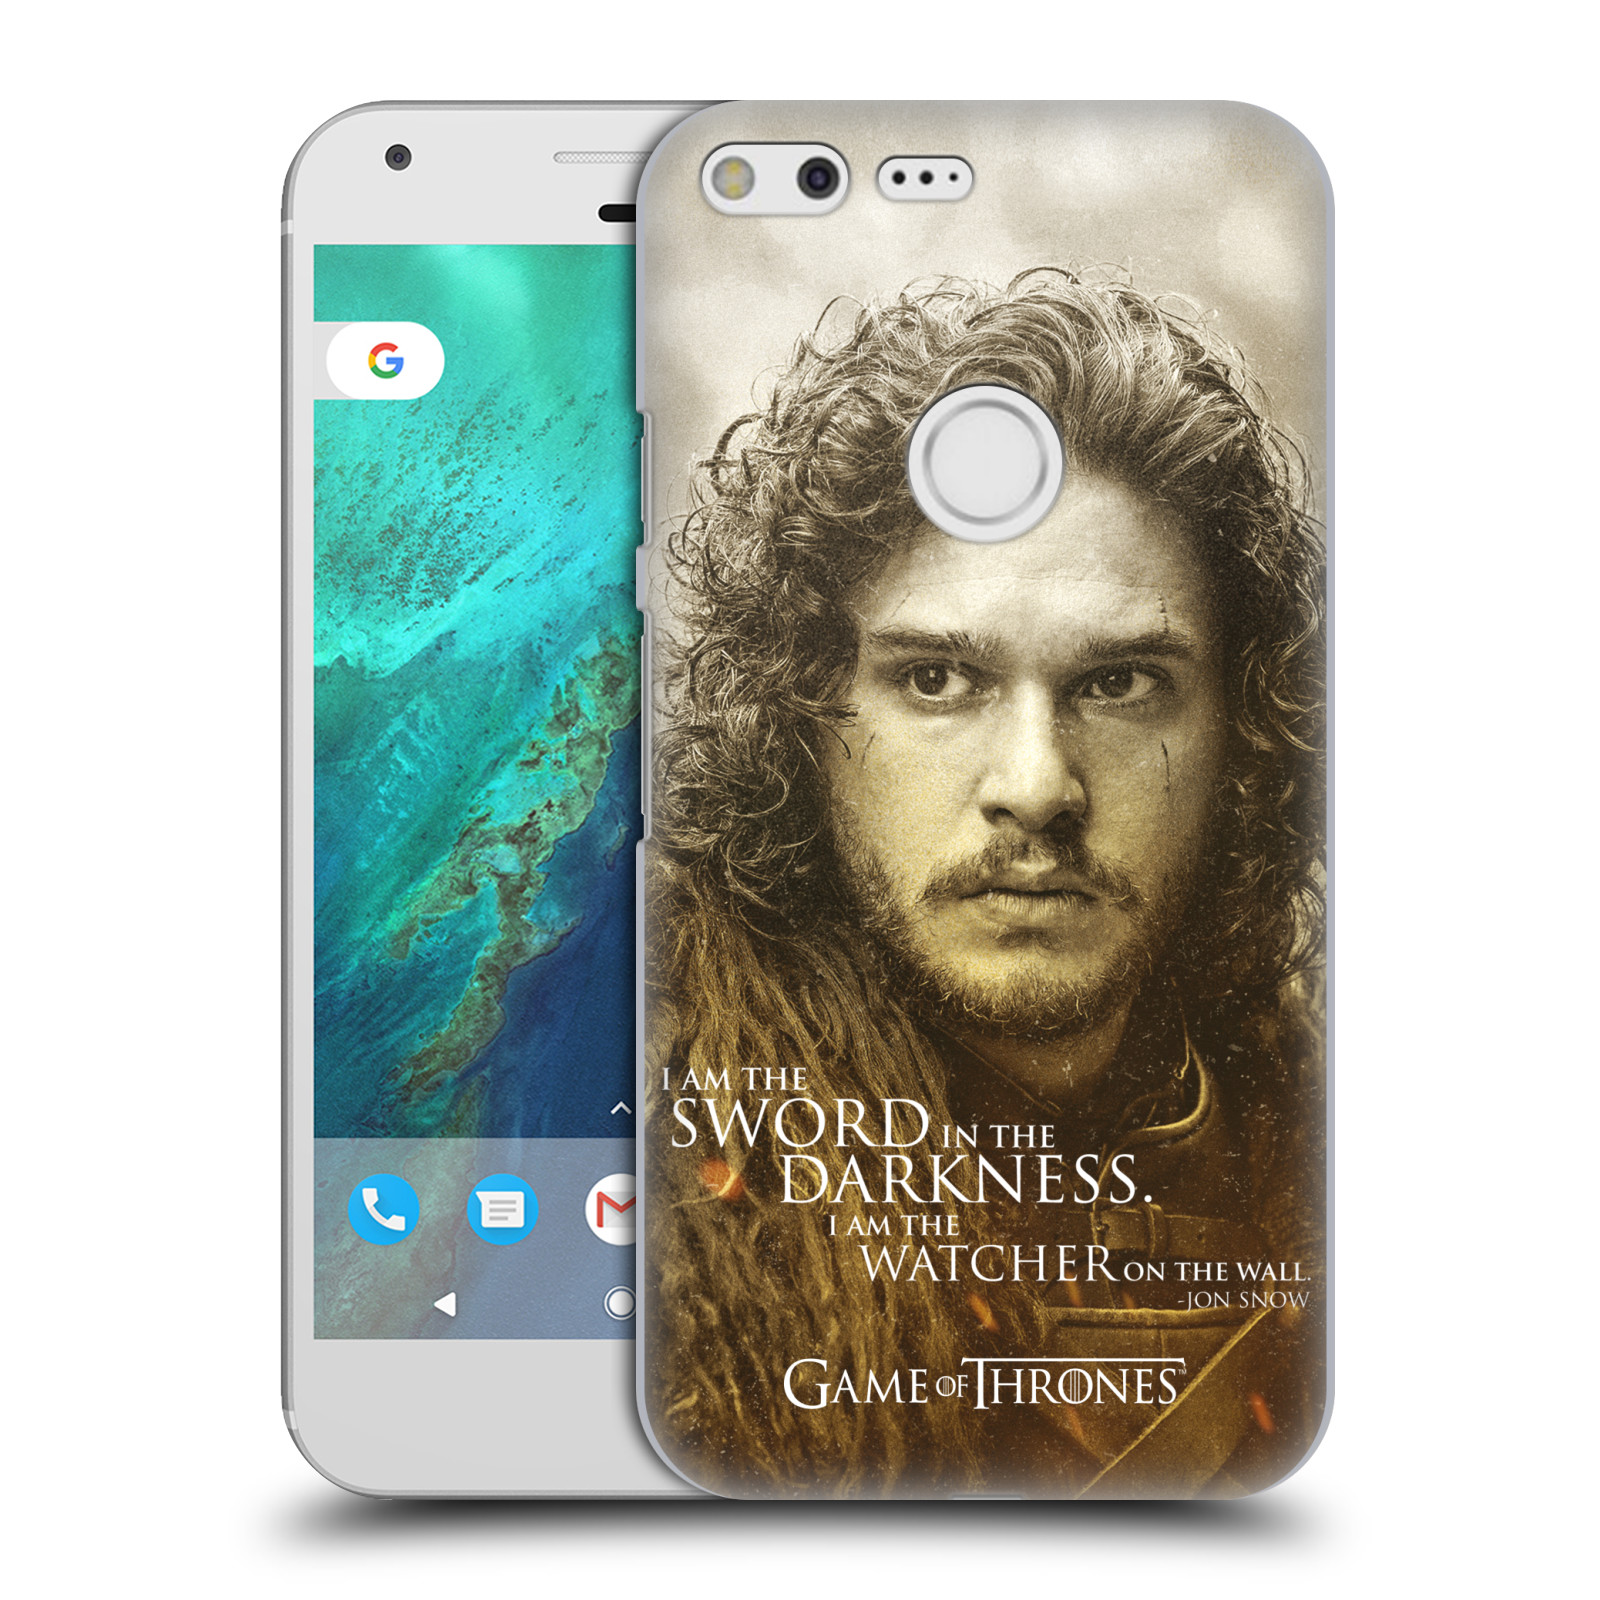 Plastové pouzdro na mobil Google Pixel XL HEAD CASE Hra o trůny - Jon Snow (Plastový kryt či obal na mobilní telefon s licencovaným motivem Hra o trůny - Game Of Thrones pro Google Pixel XL)